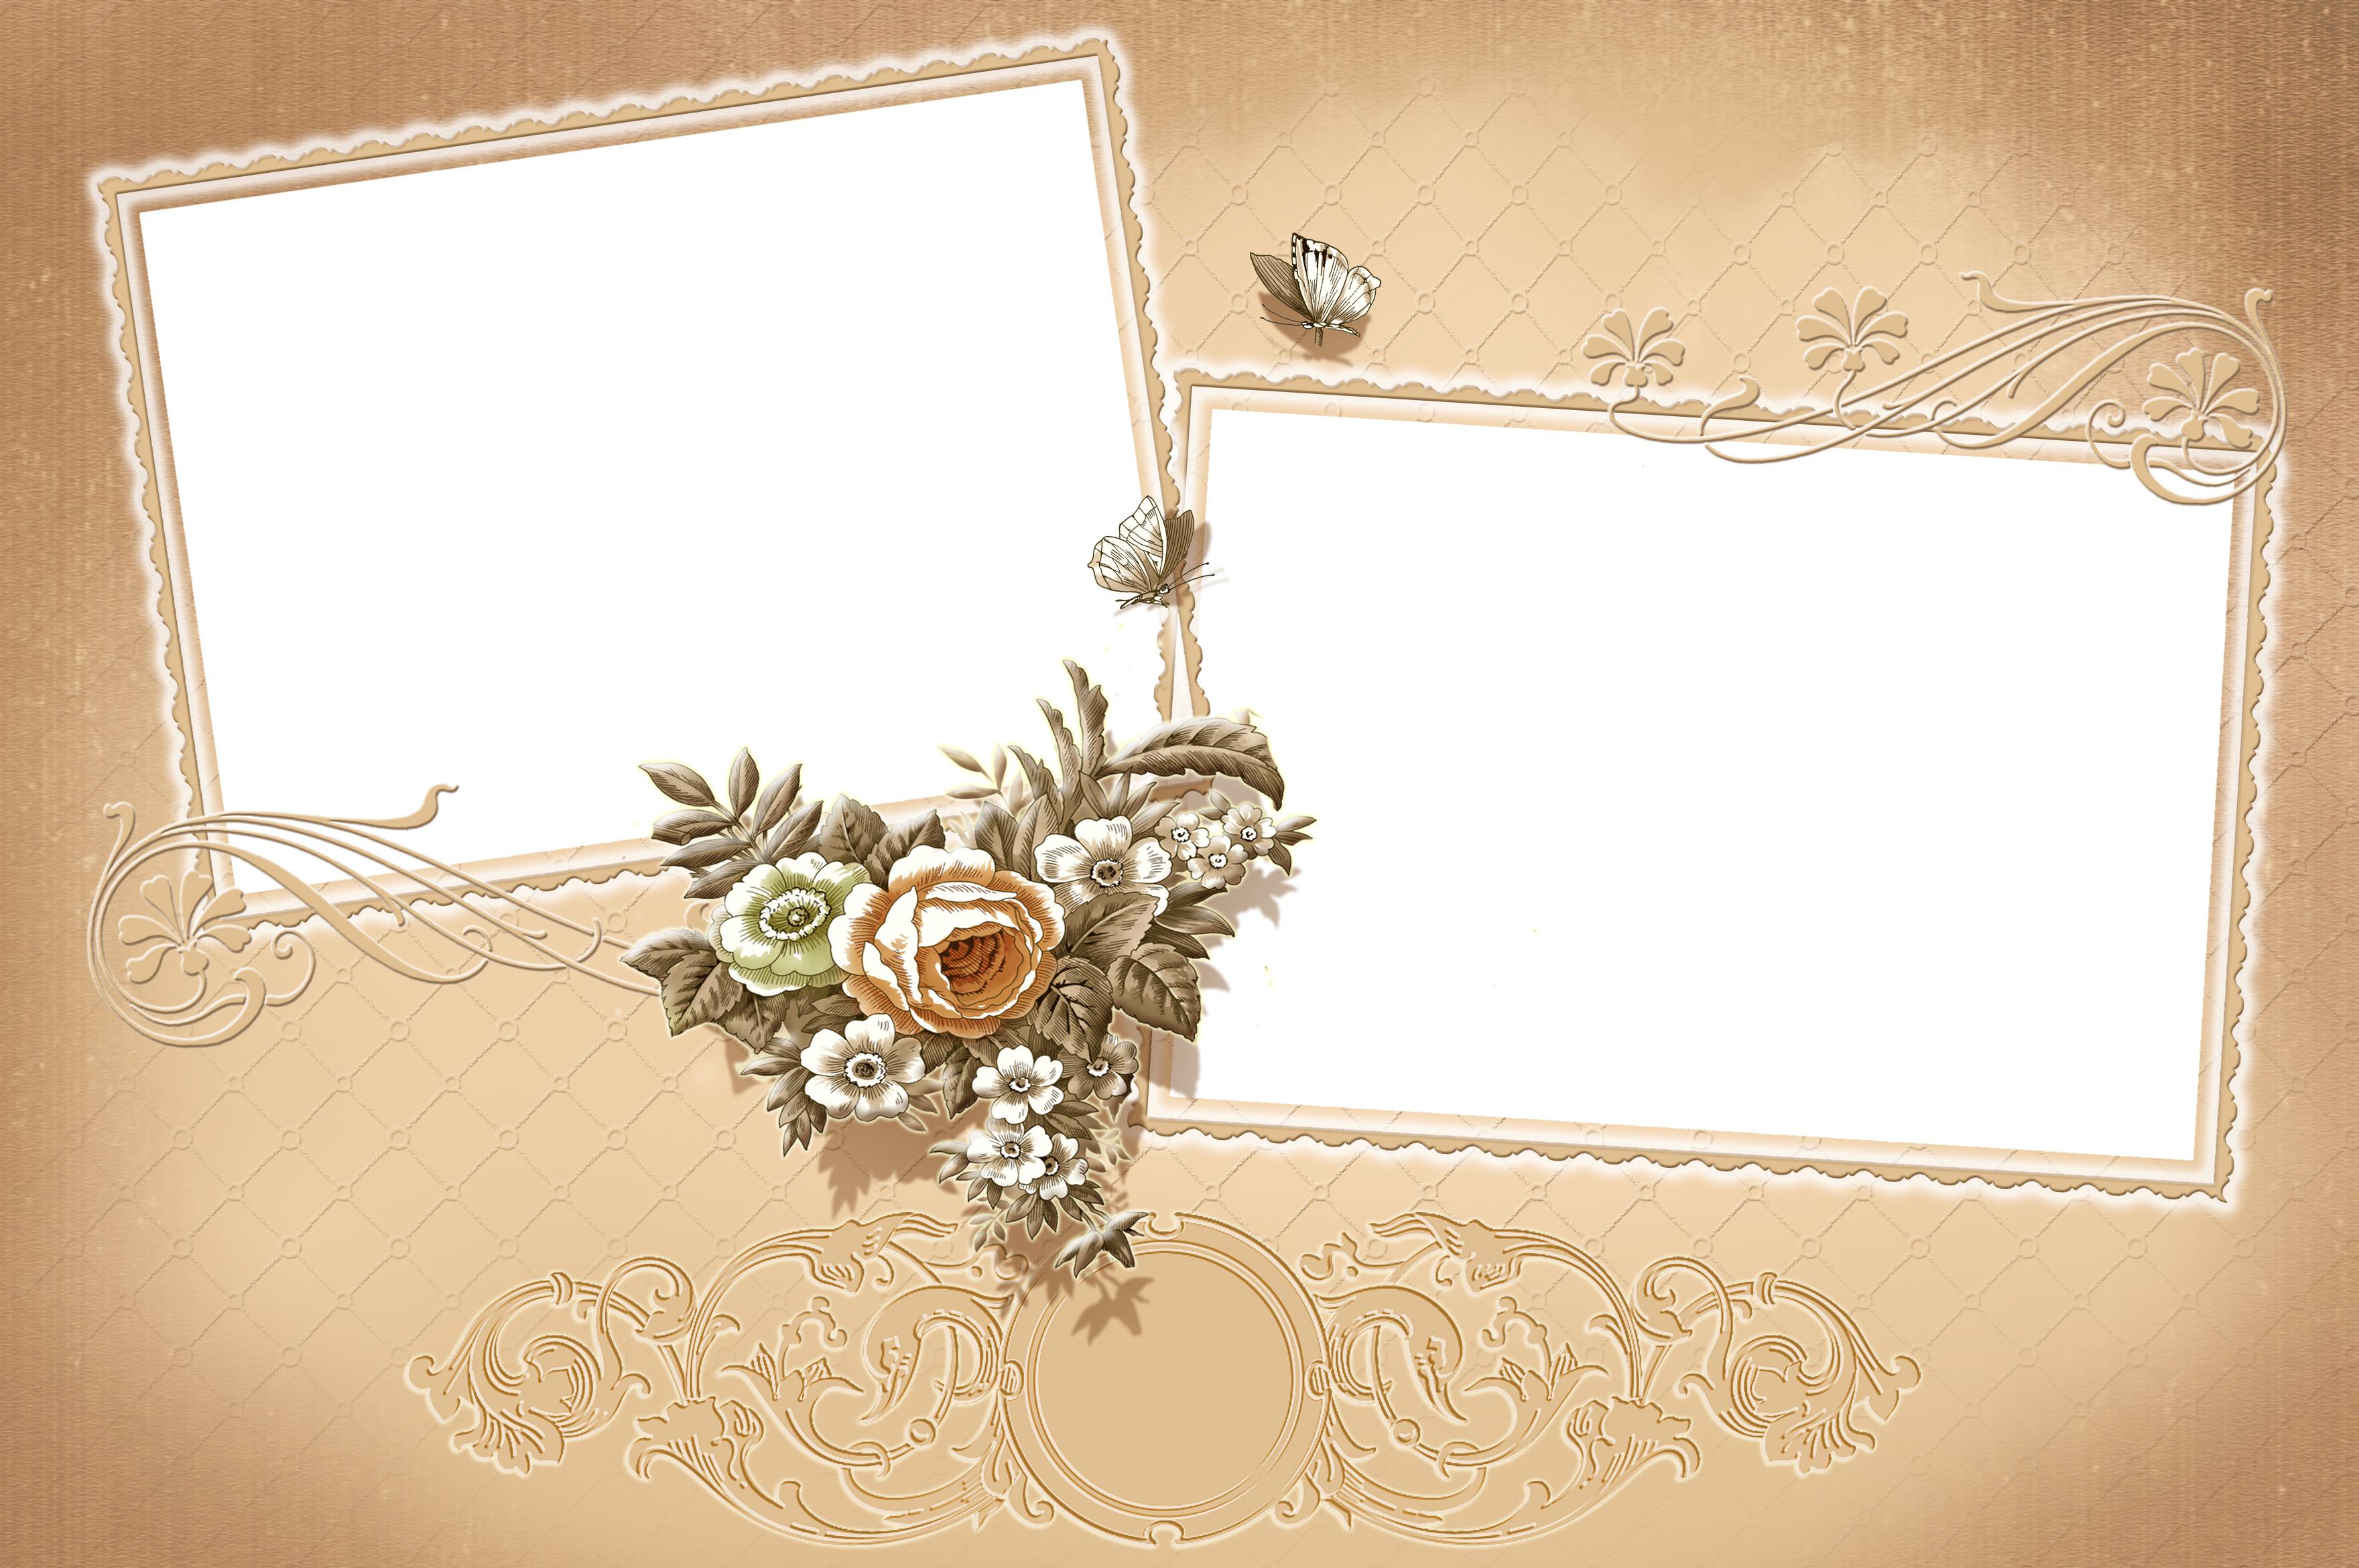 Фотошоп макет для открытки